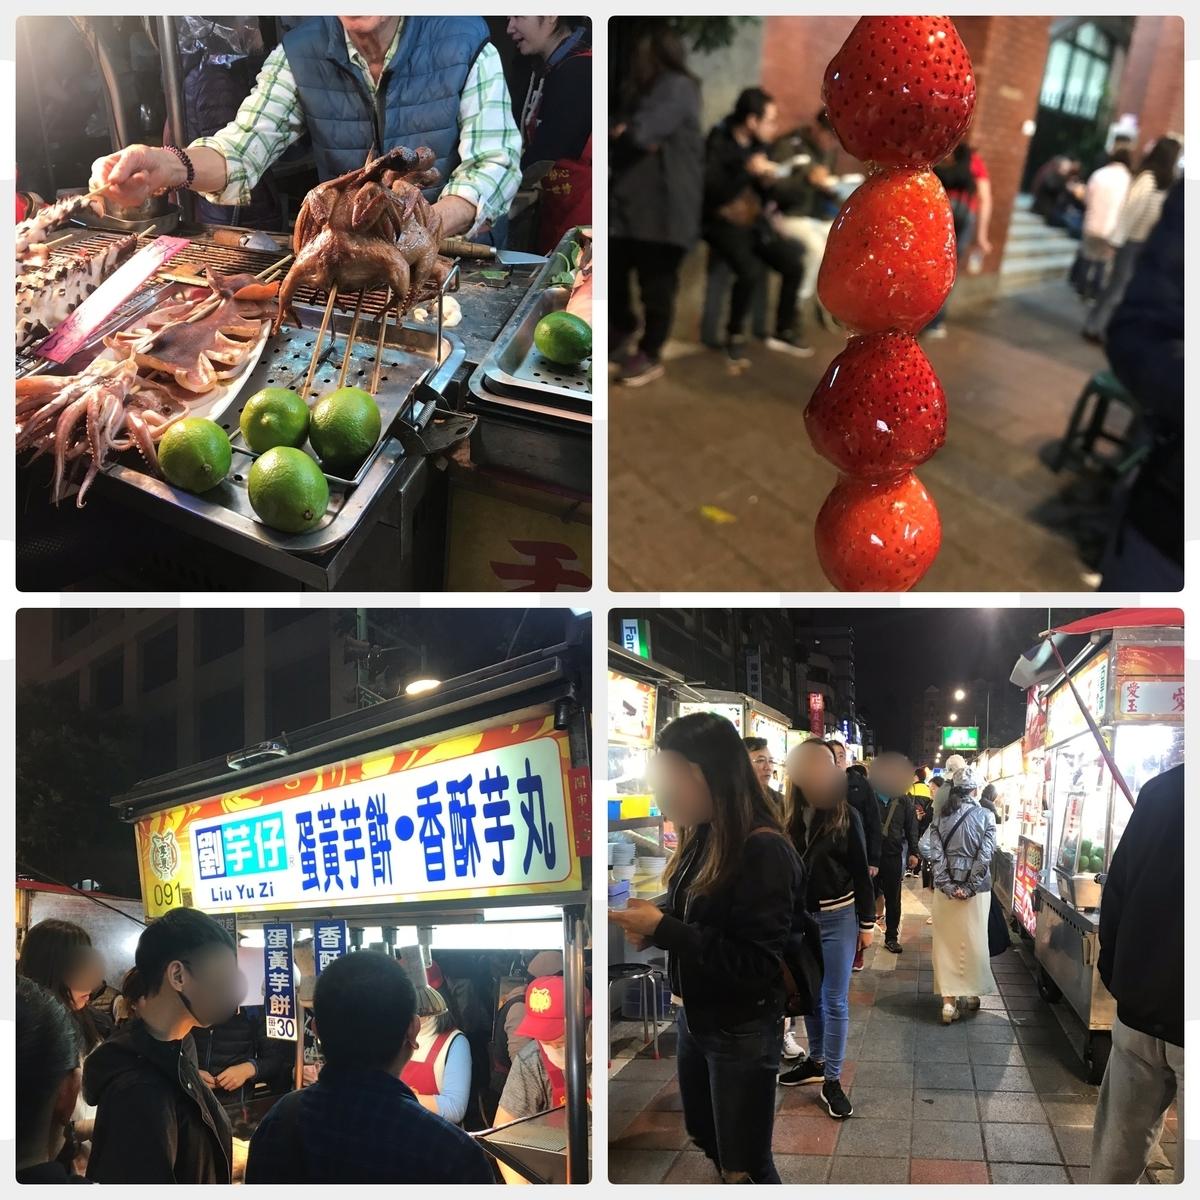 台湾夜市 苺あめ